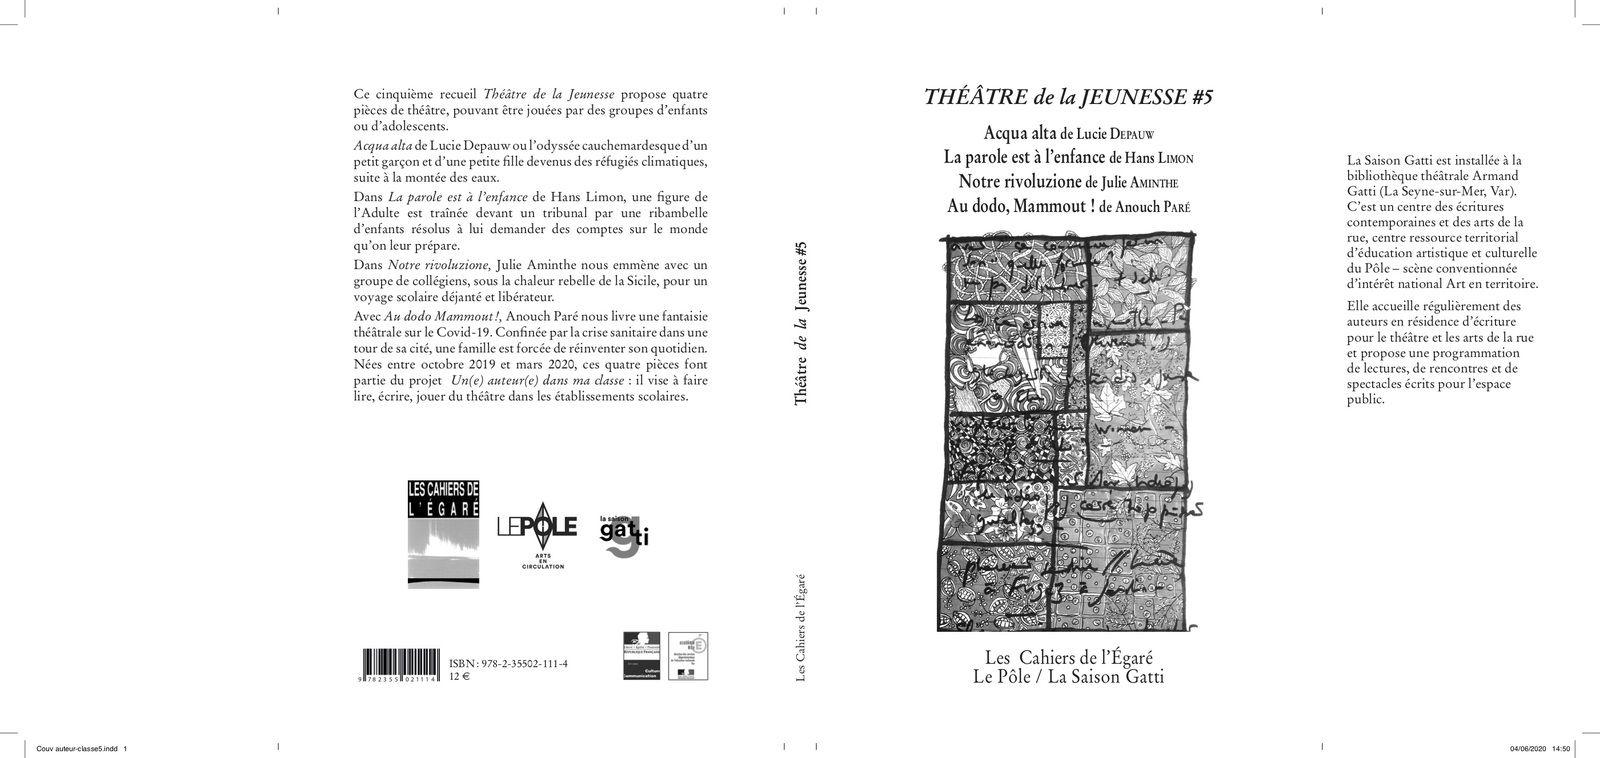 article paru le 17 août 2020 annonçant la parution du Germain Nouveau par José Lenzini; titres récents